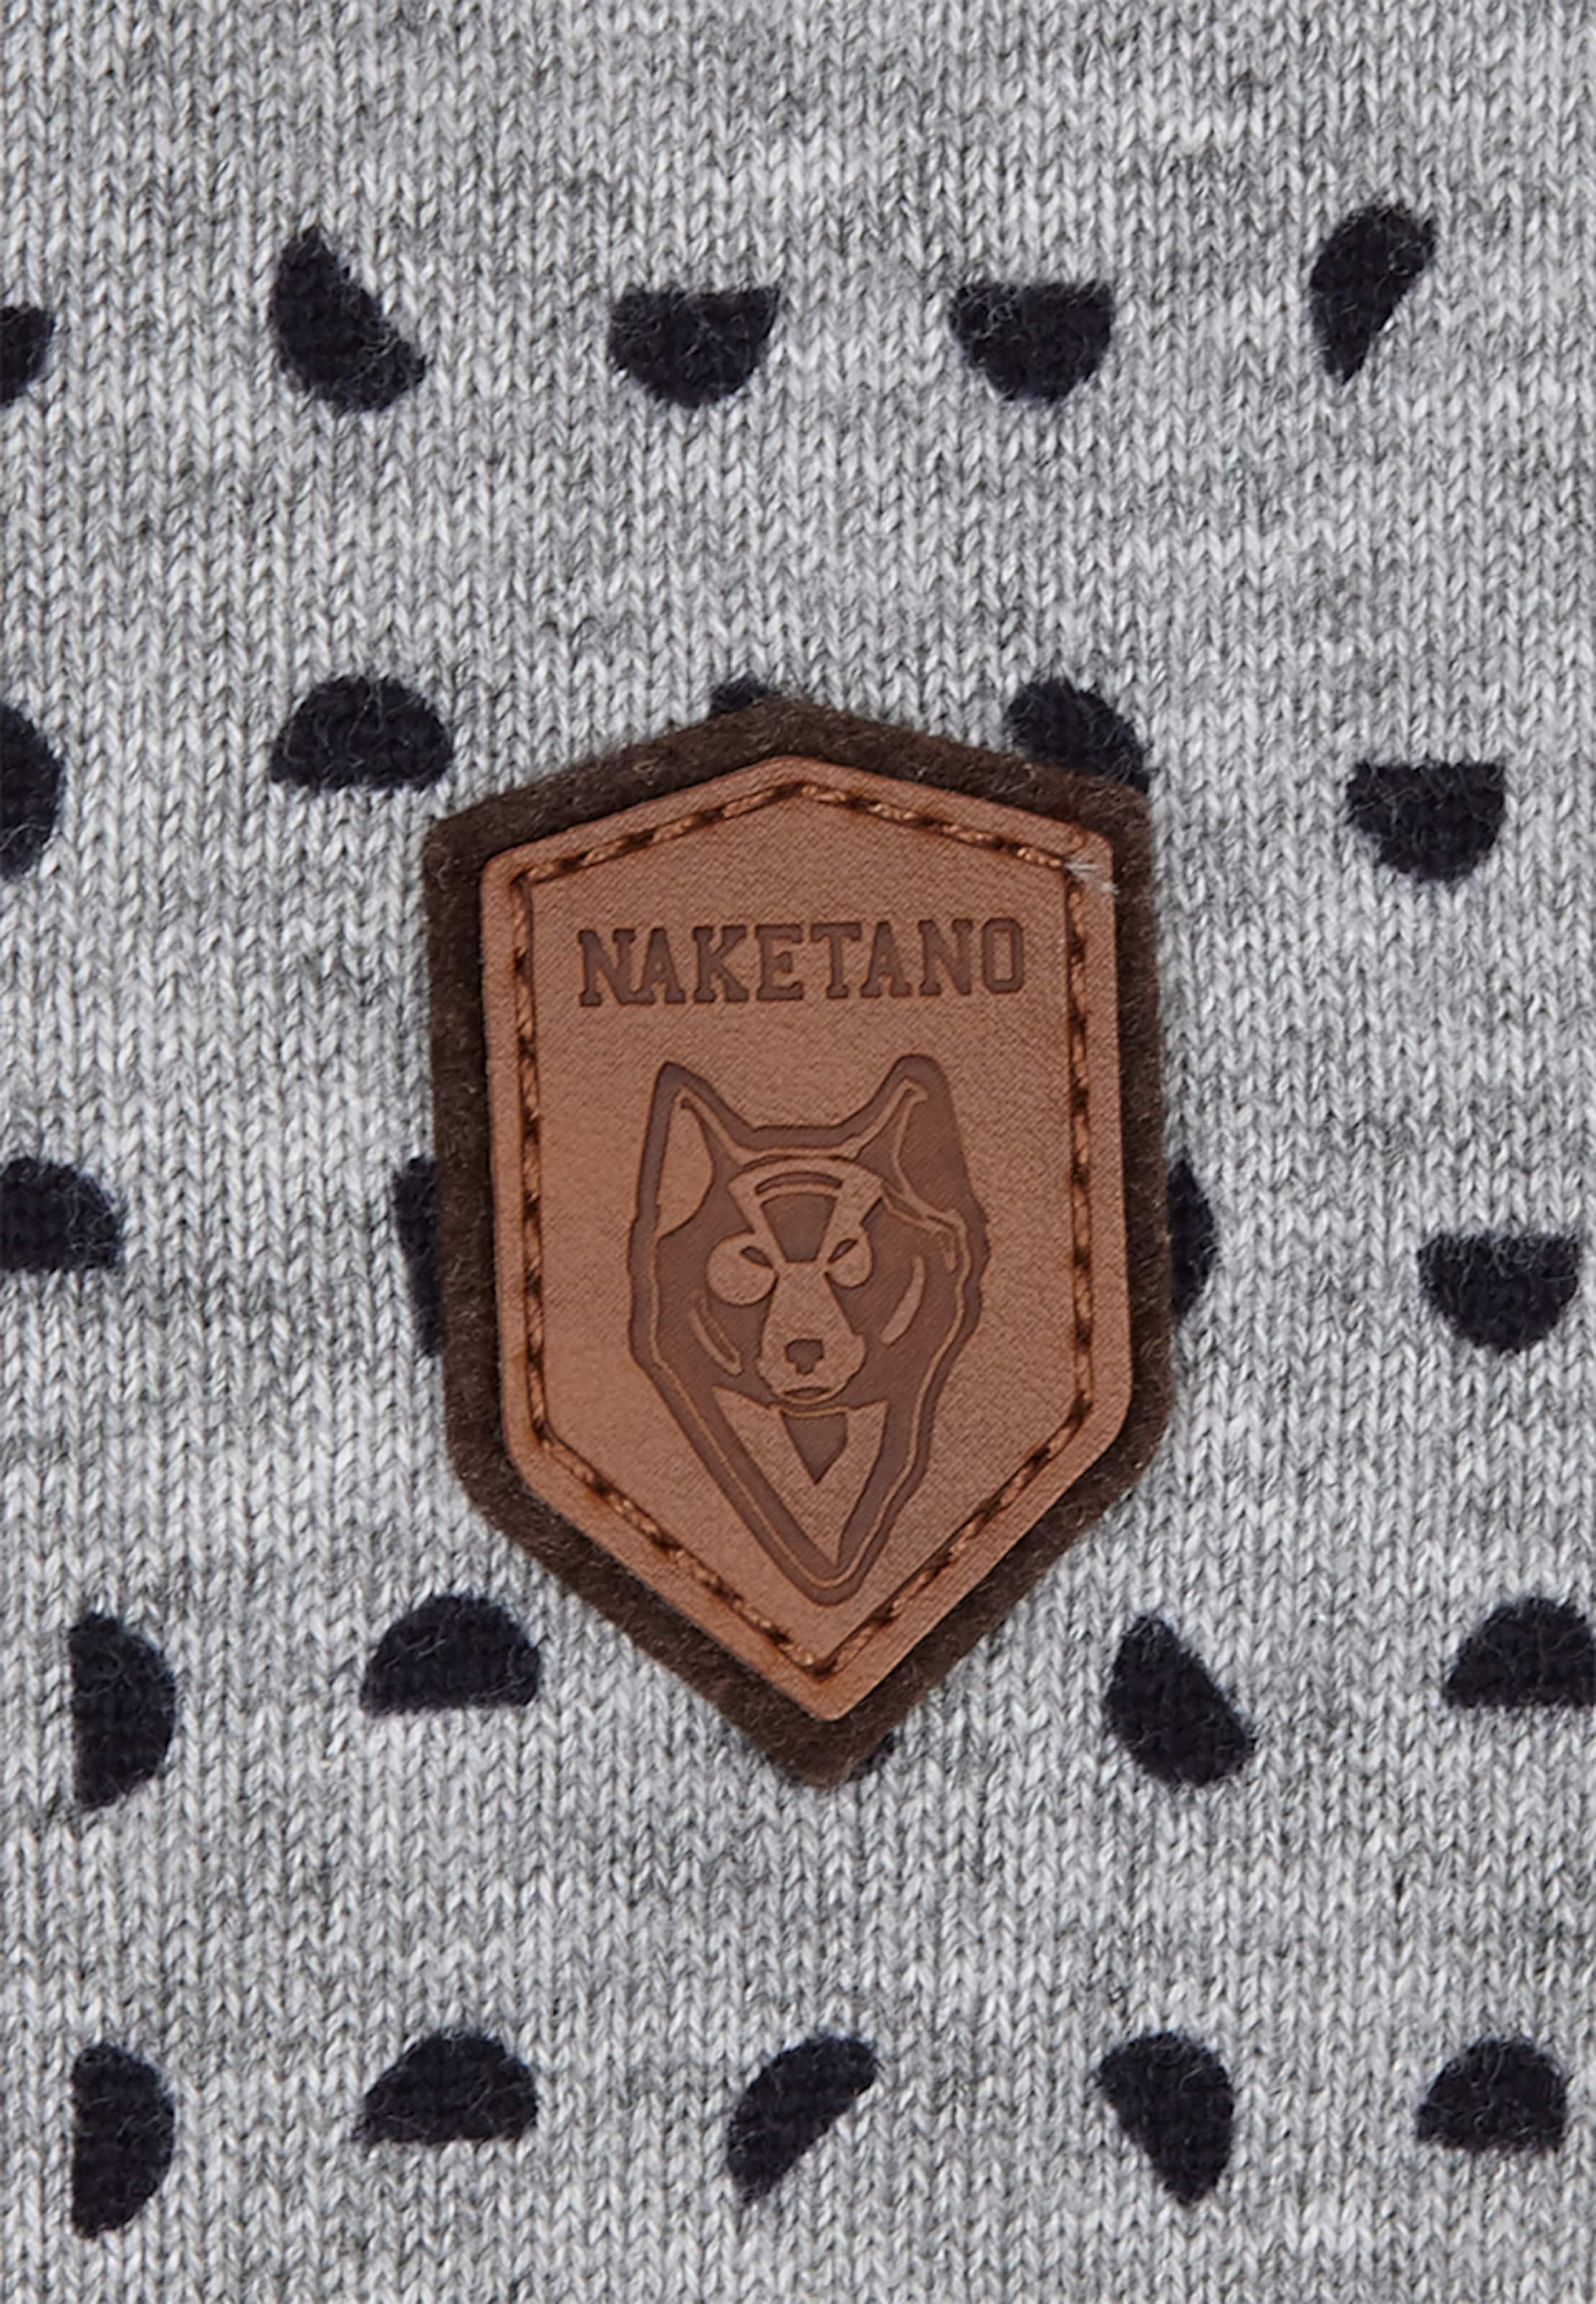 naketano Male Knit Halls Of Walhalla Spielraum Niedrigsten Preis Größte Anbieter Verkauf Versorgung Billiges Countdown-Paket vsXM1EUiUj